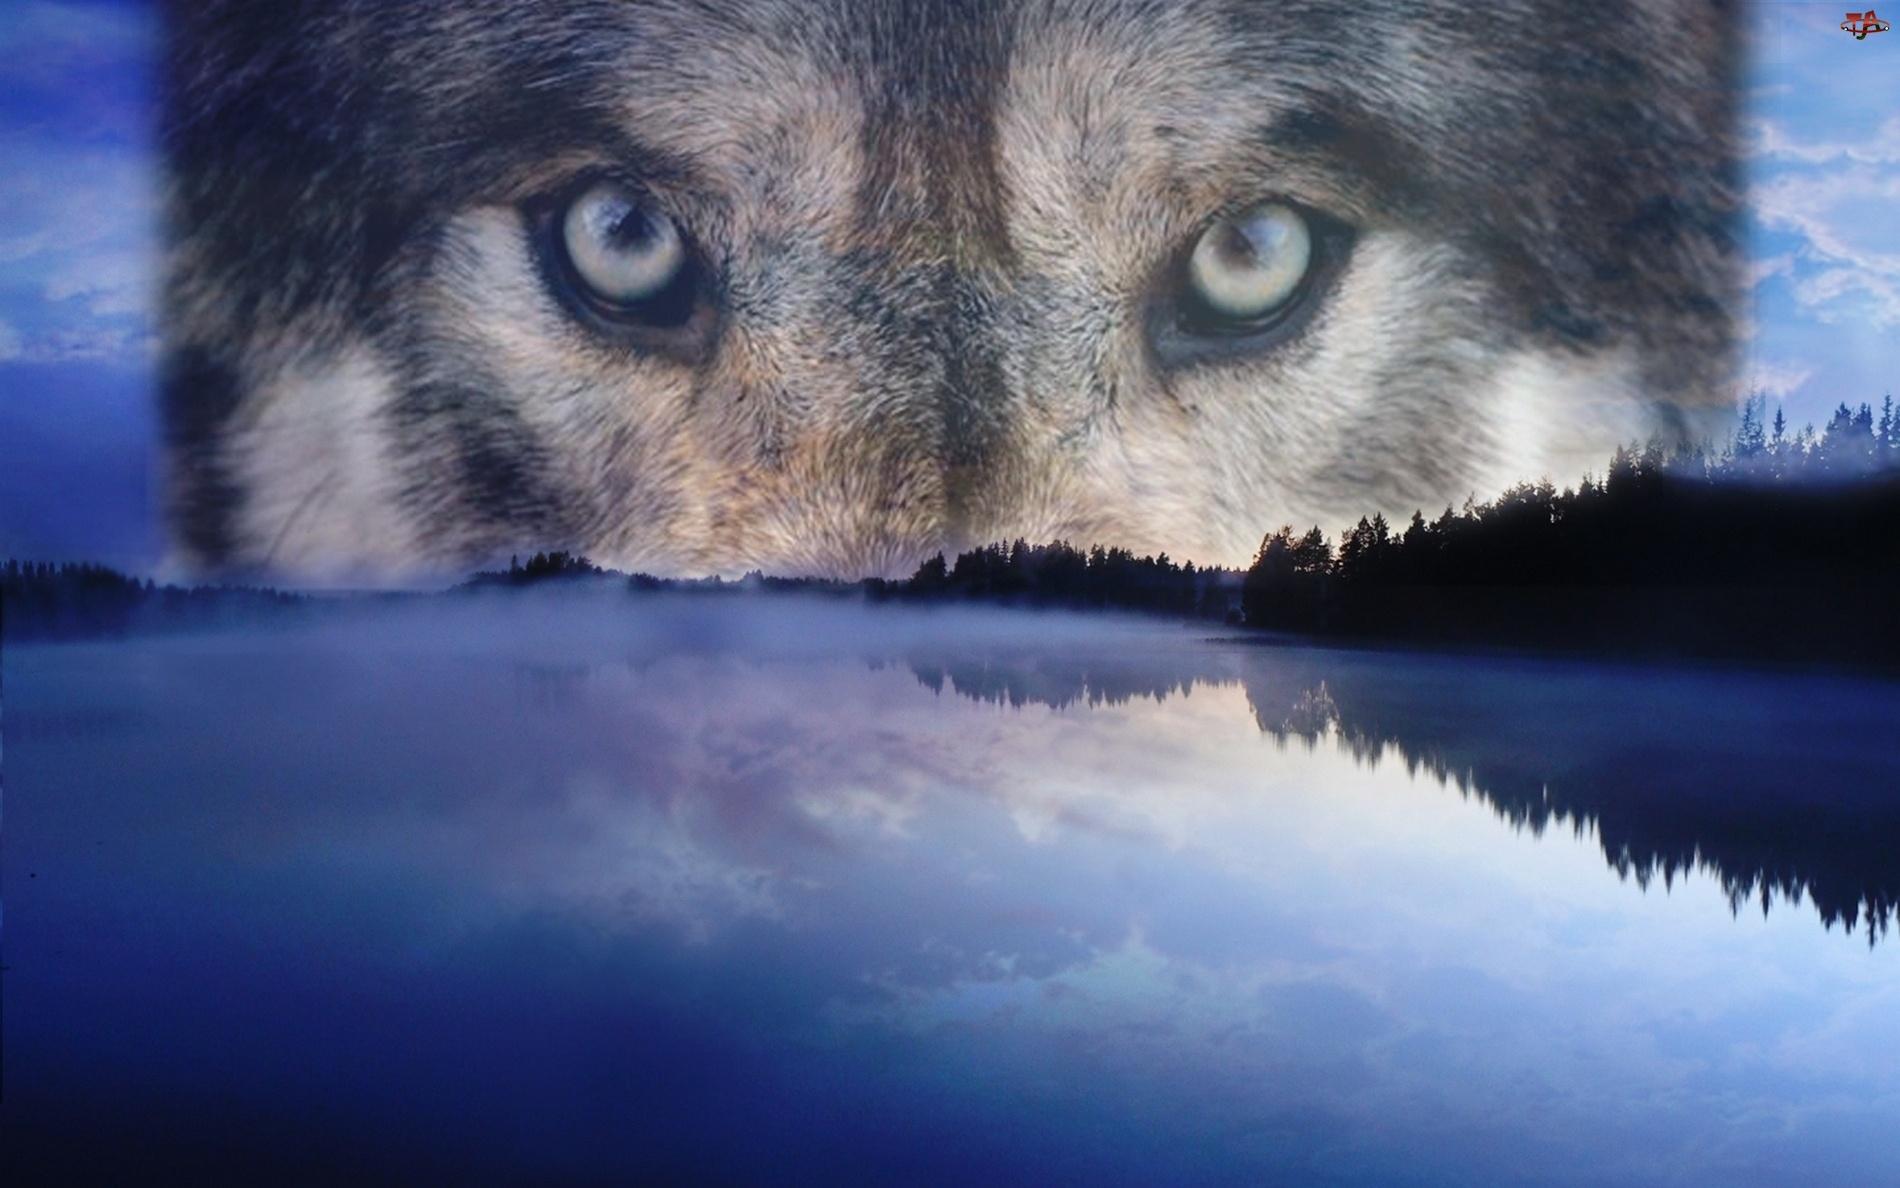 Jezioro, Oczy, Wilka